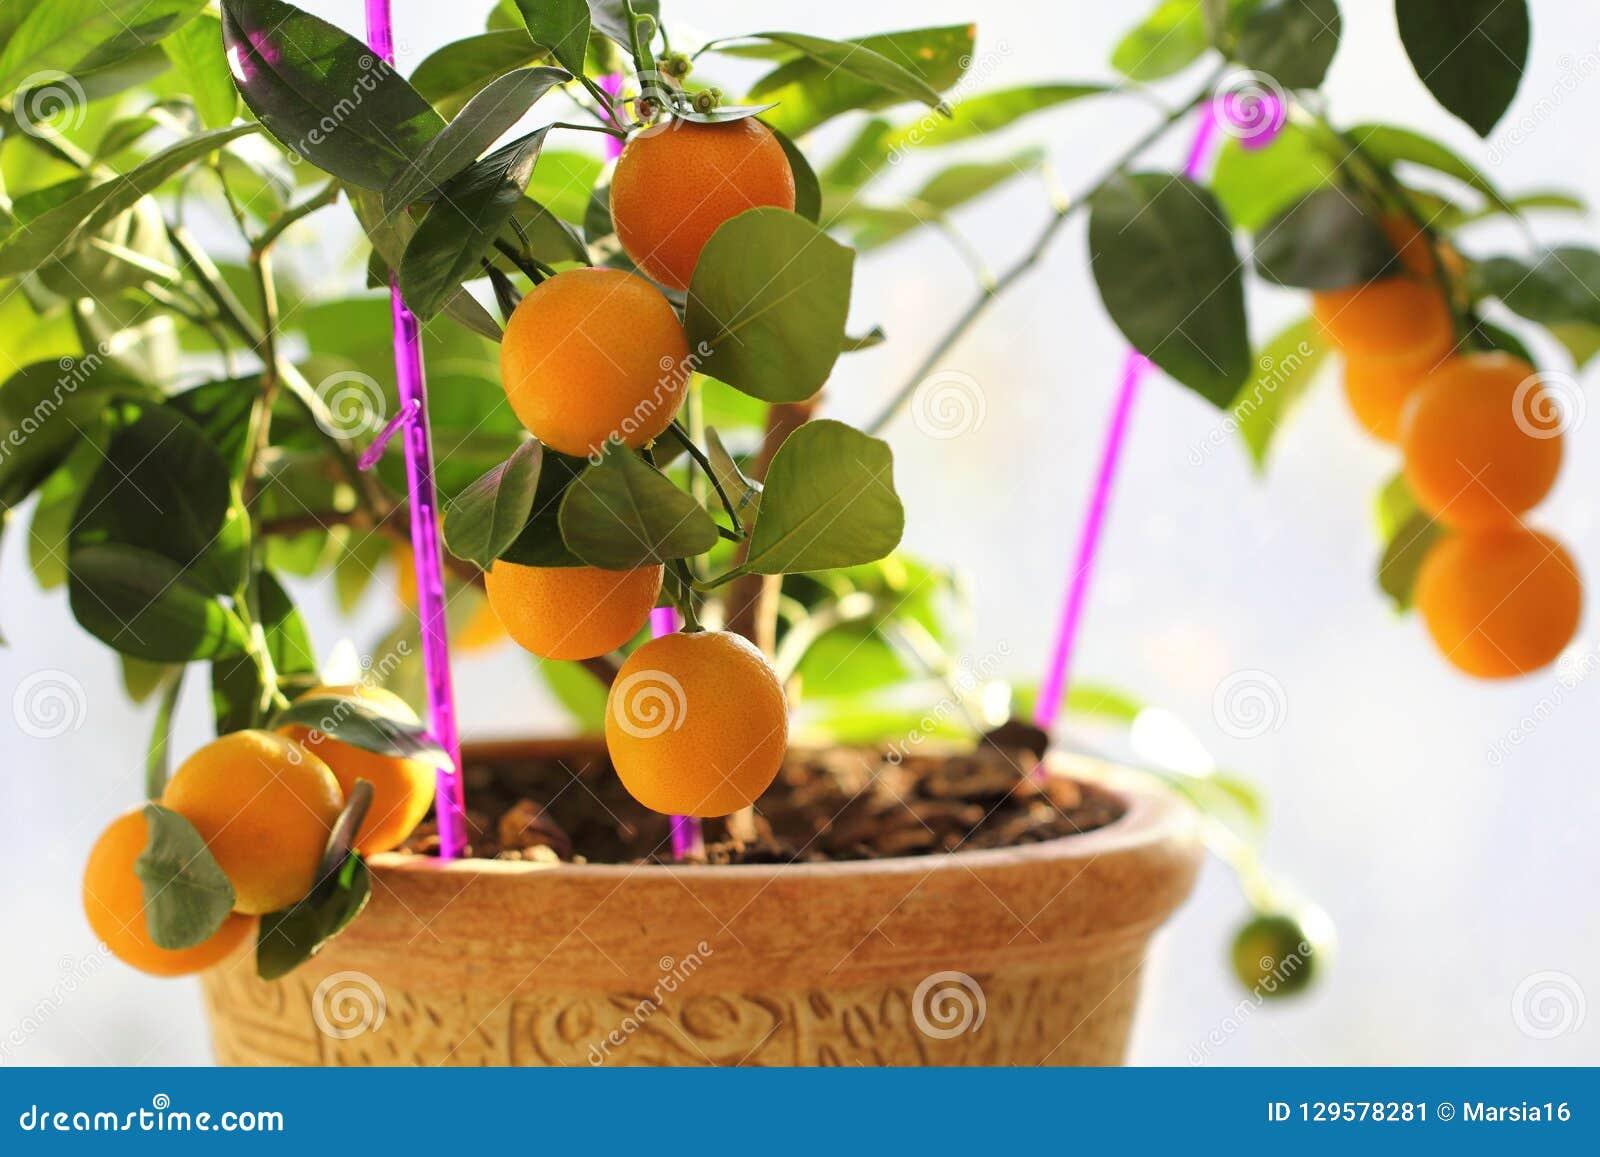 Citrus kumquat in houseplants close up